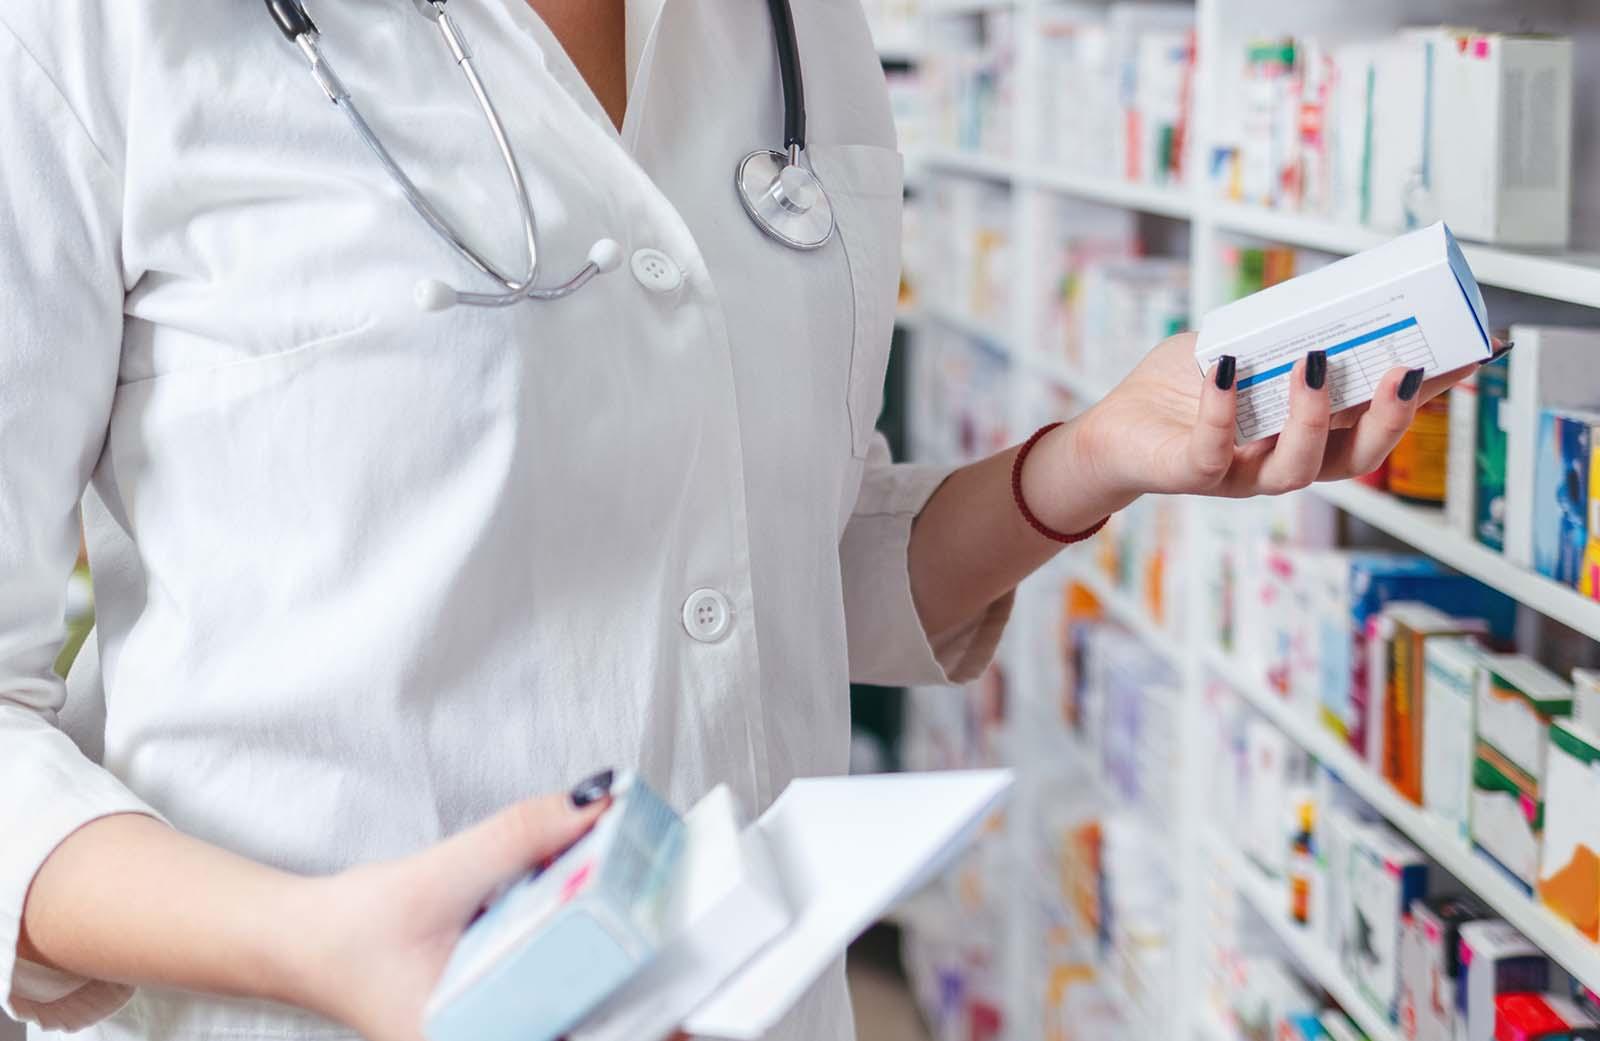 controllo ricetta medica